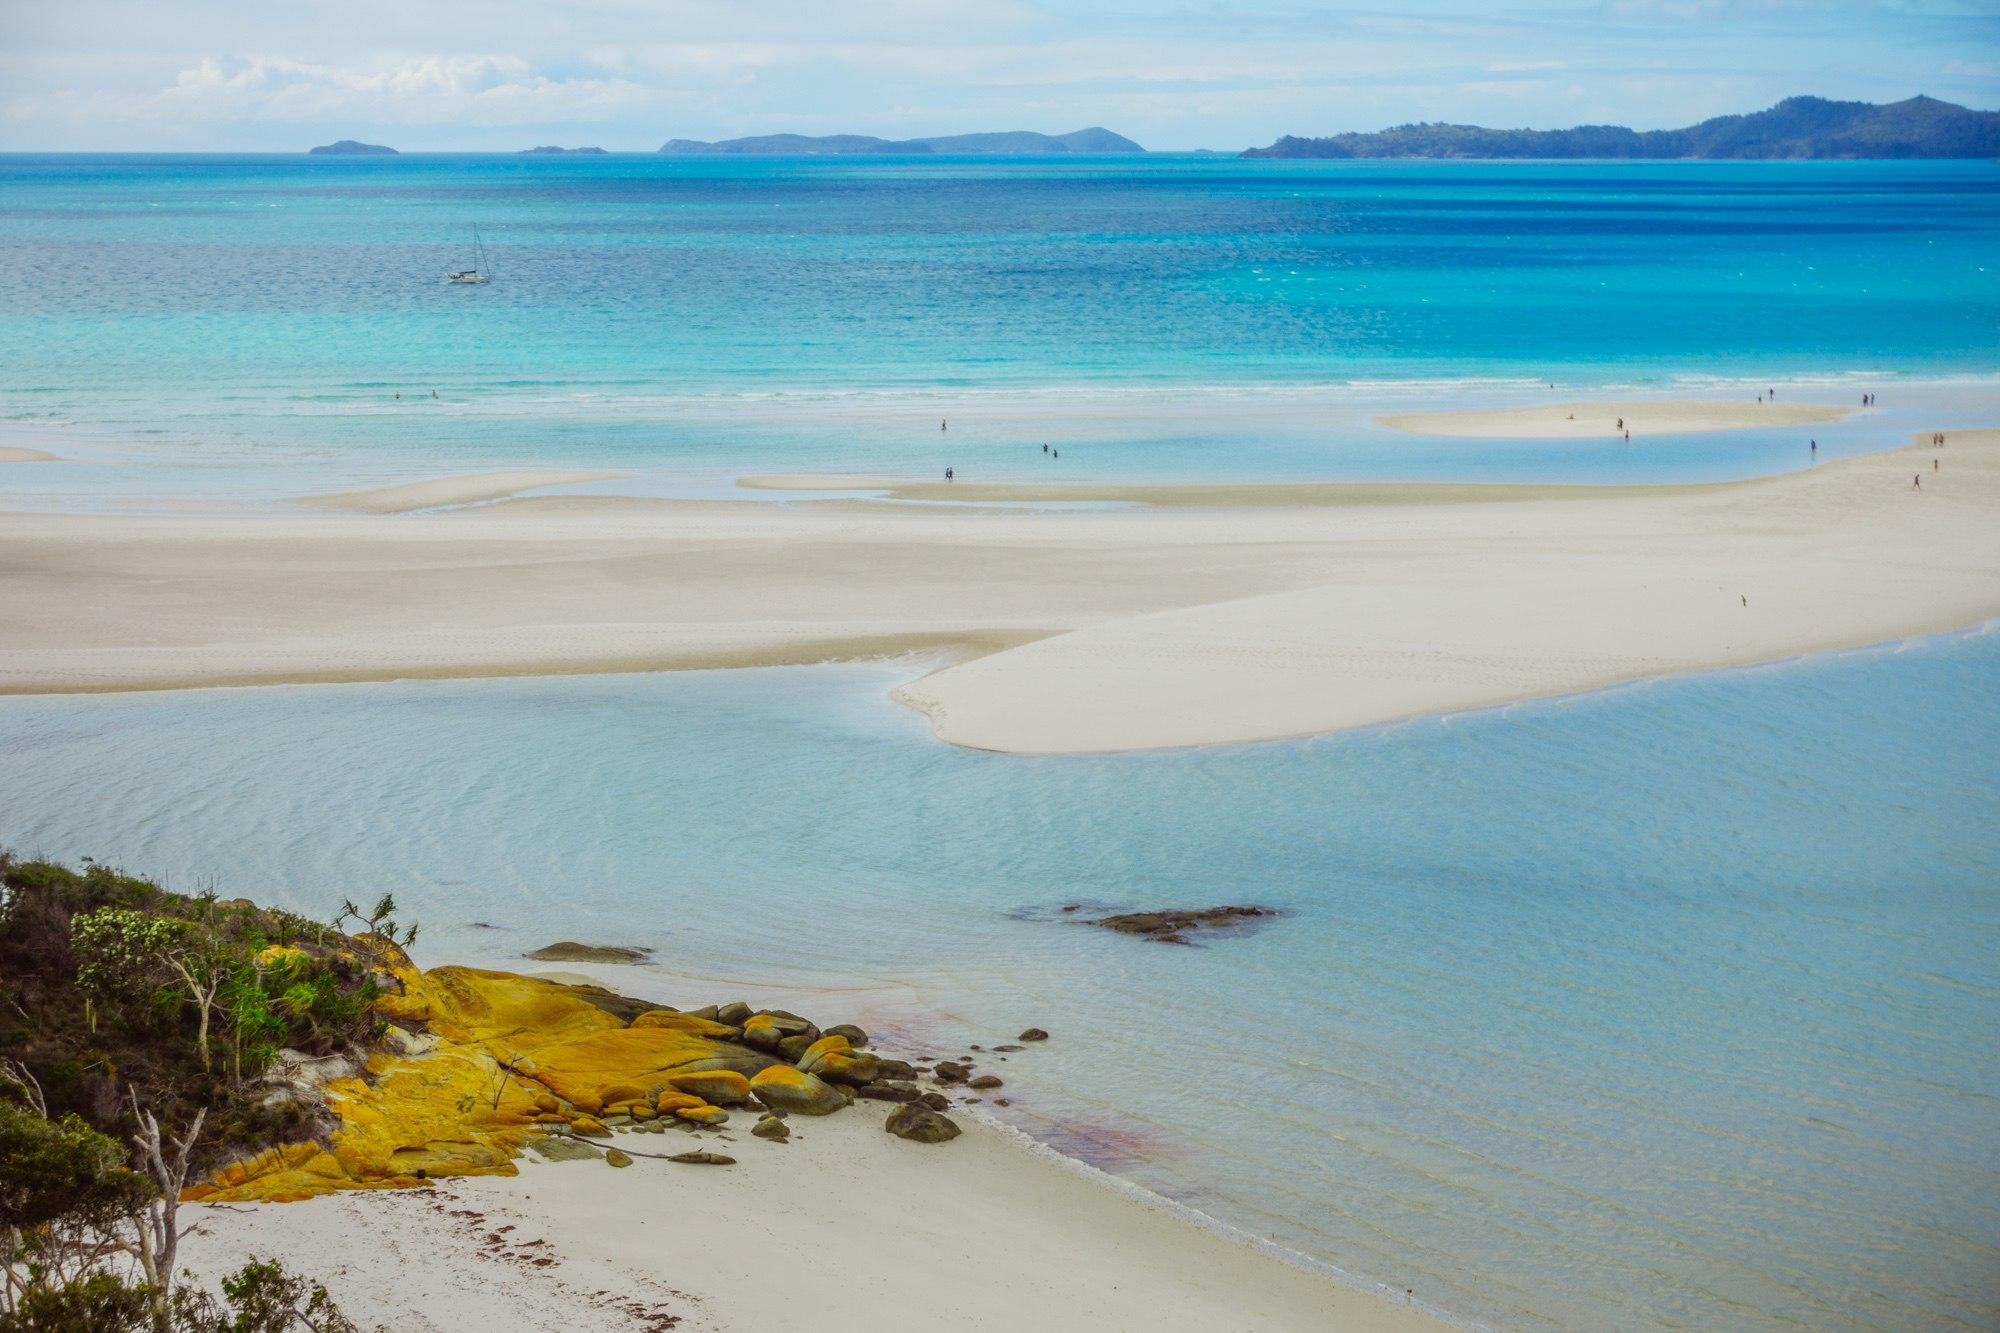 wereldreis plannen whitehaven beach